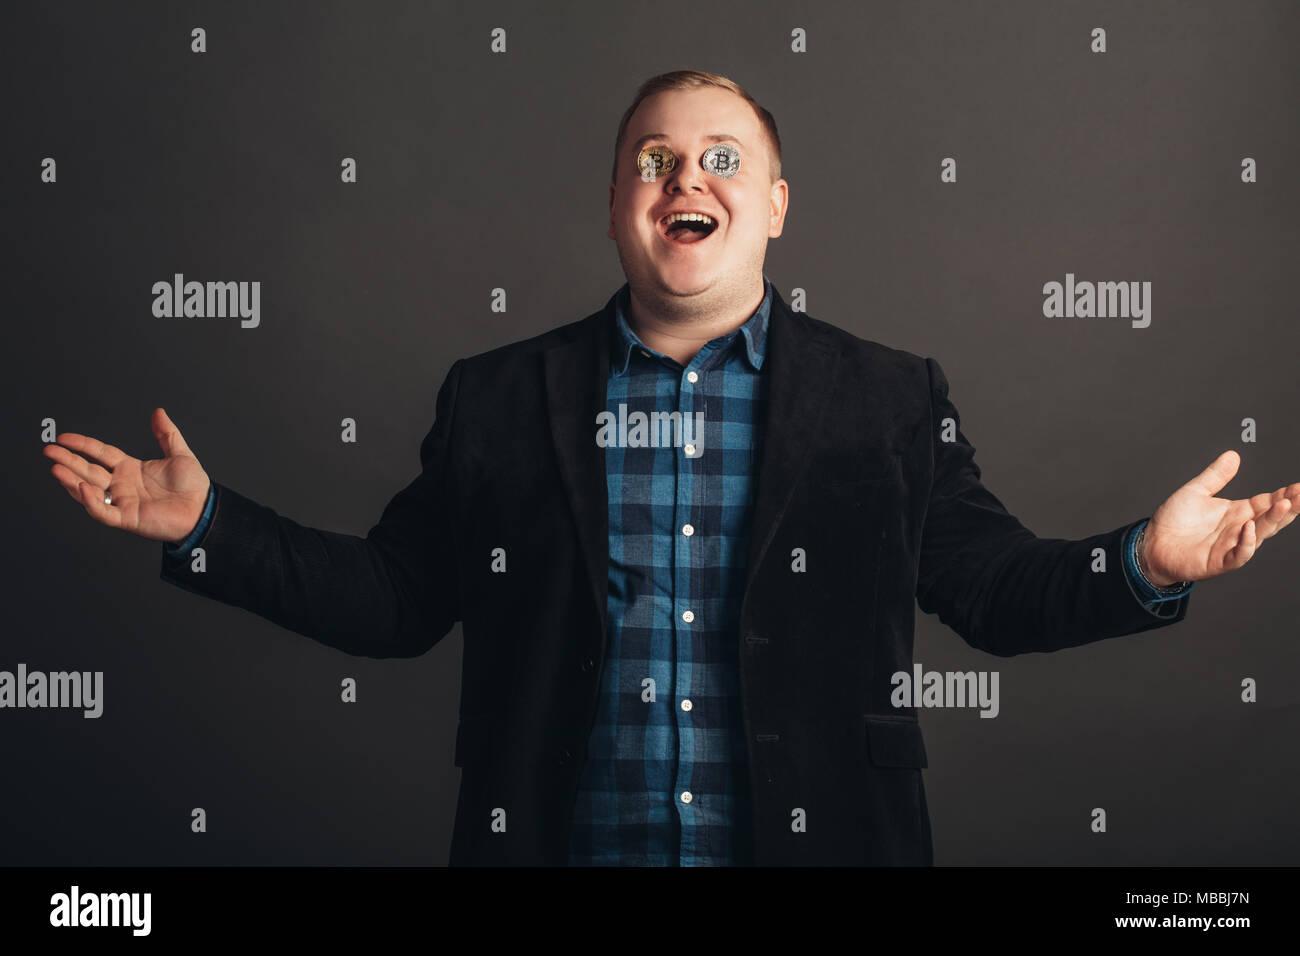 Fett Feiern Mann Verrückt Gesicht Machen Verrückt Bitcoin Liebhaber